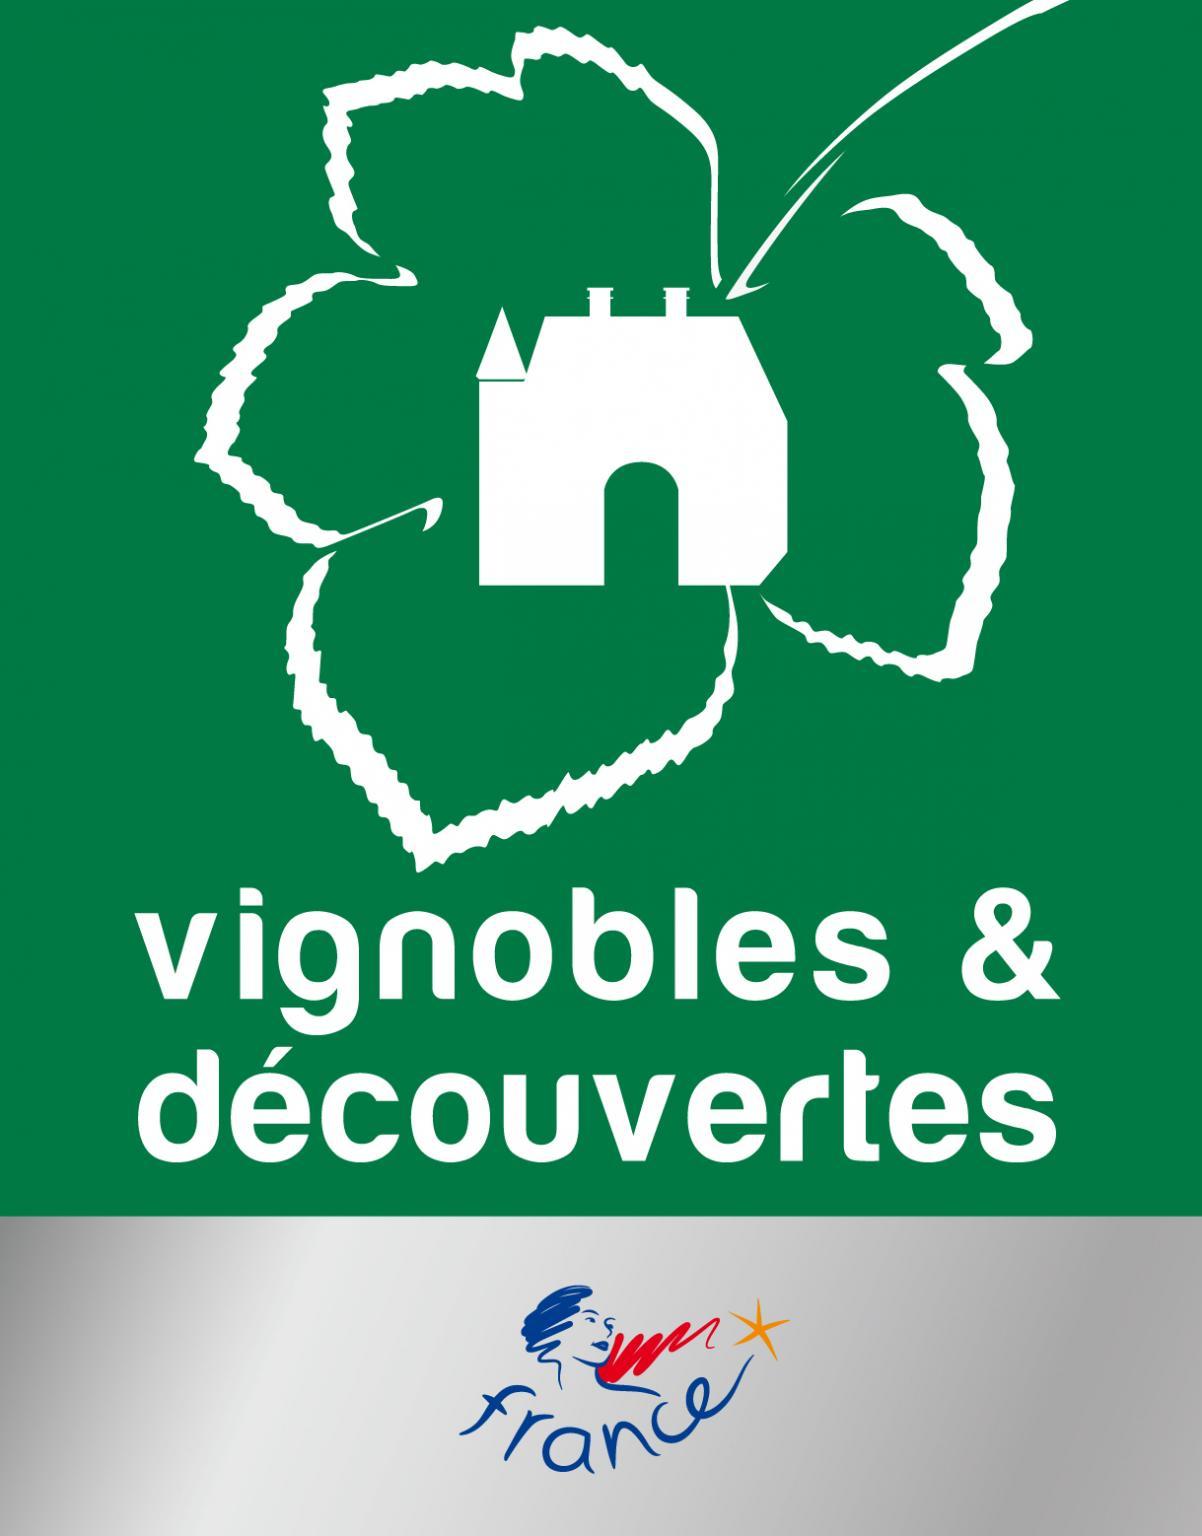 label Vignobles et découverte